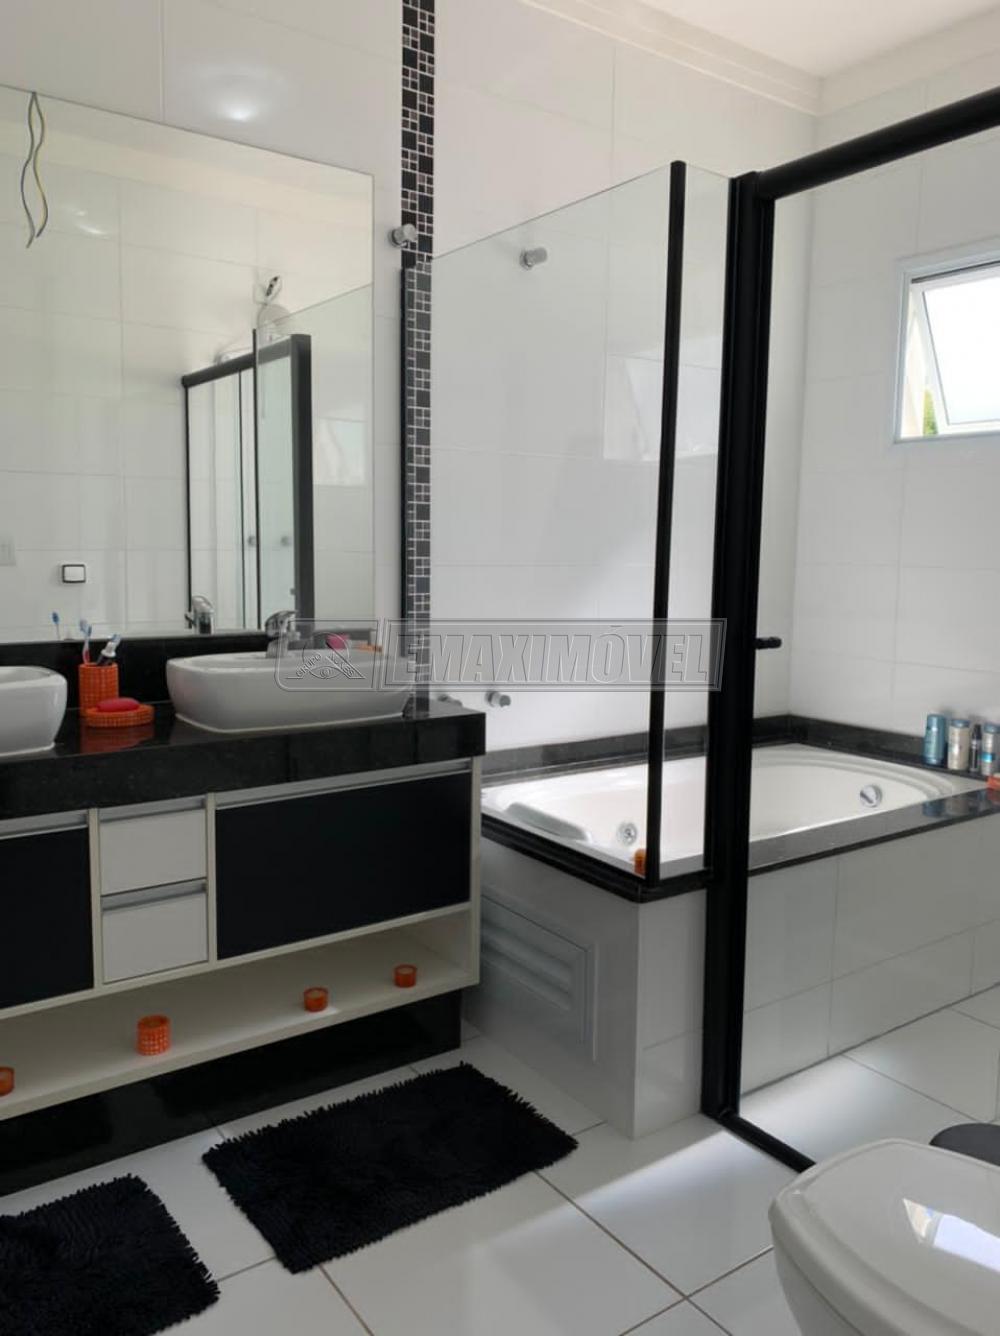 Comprar Casas / em Condomínios em Sorocaba apenas R$ 1.300.000,00 - Foto 13